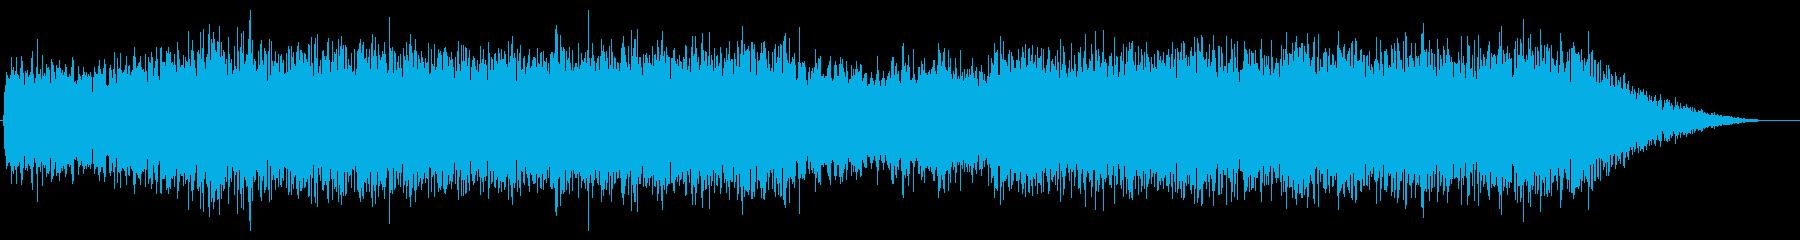 睡眠導入 海の底のようなヒーリングの再生済みの波形